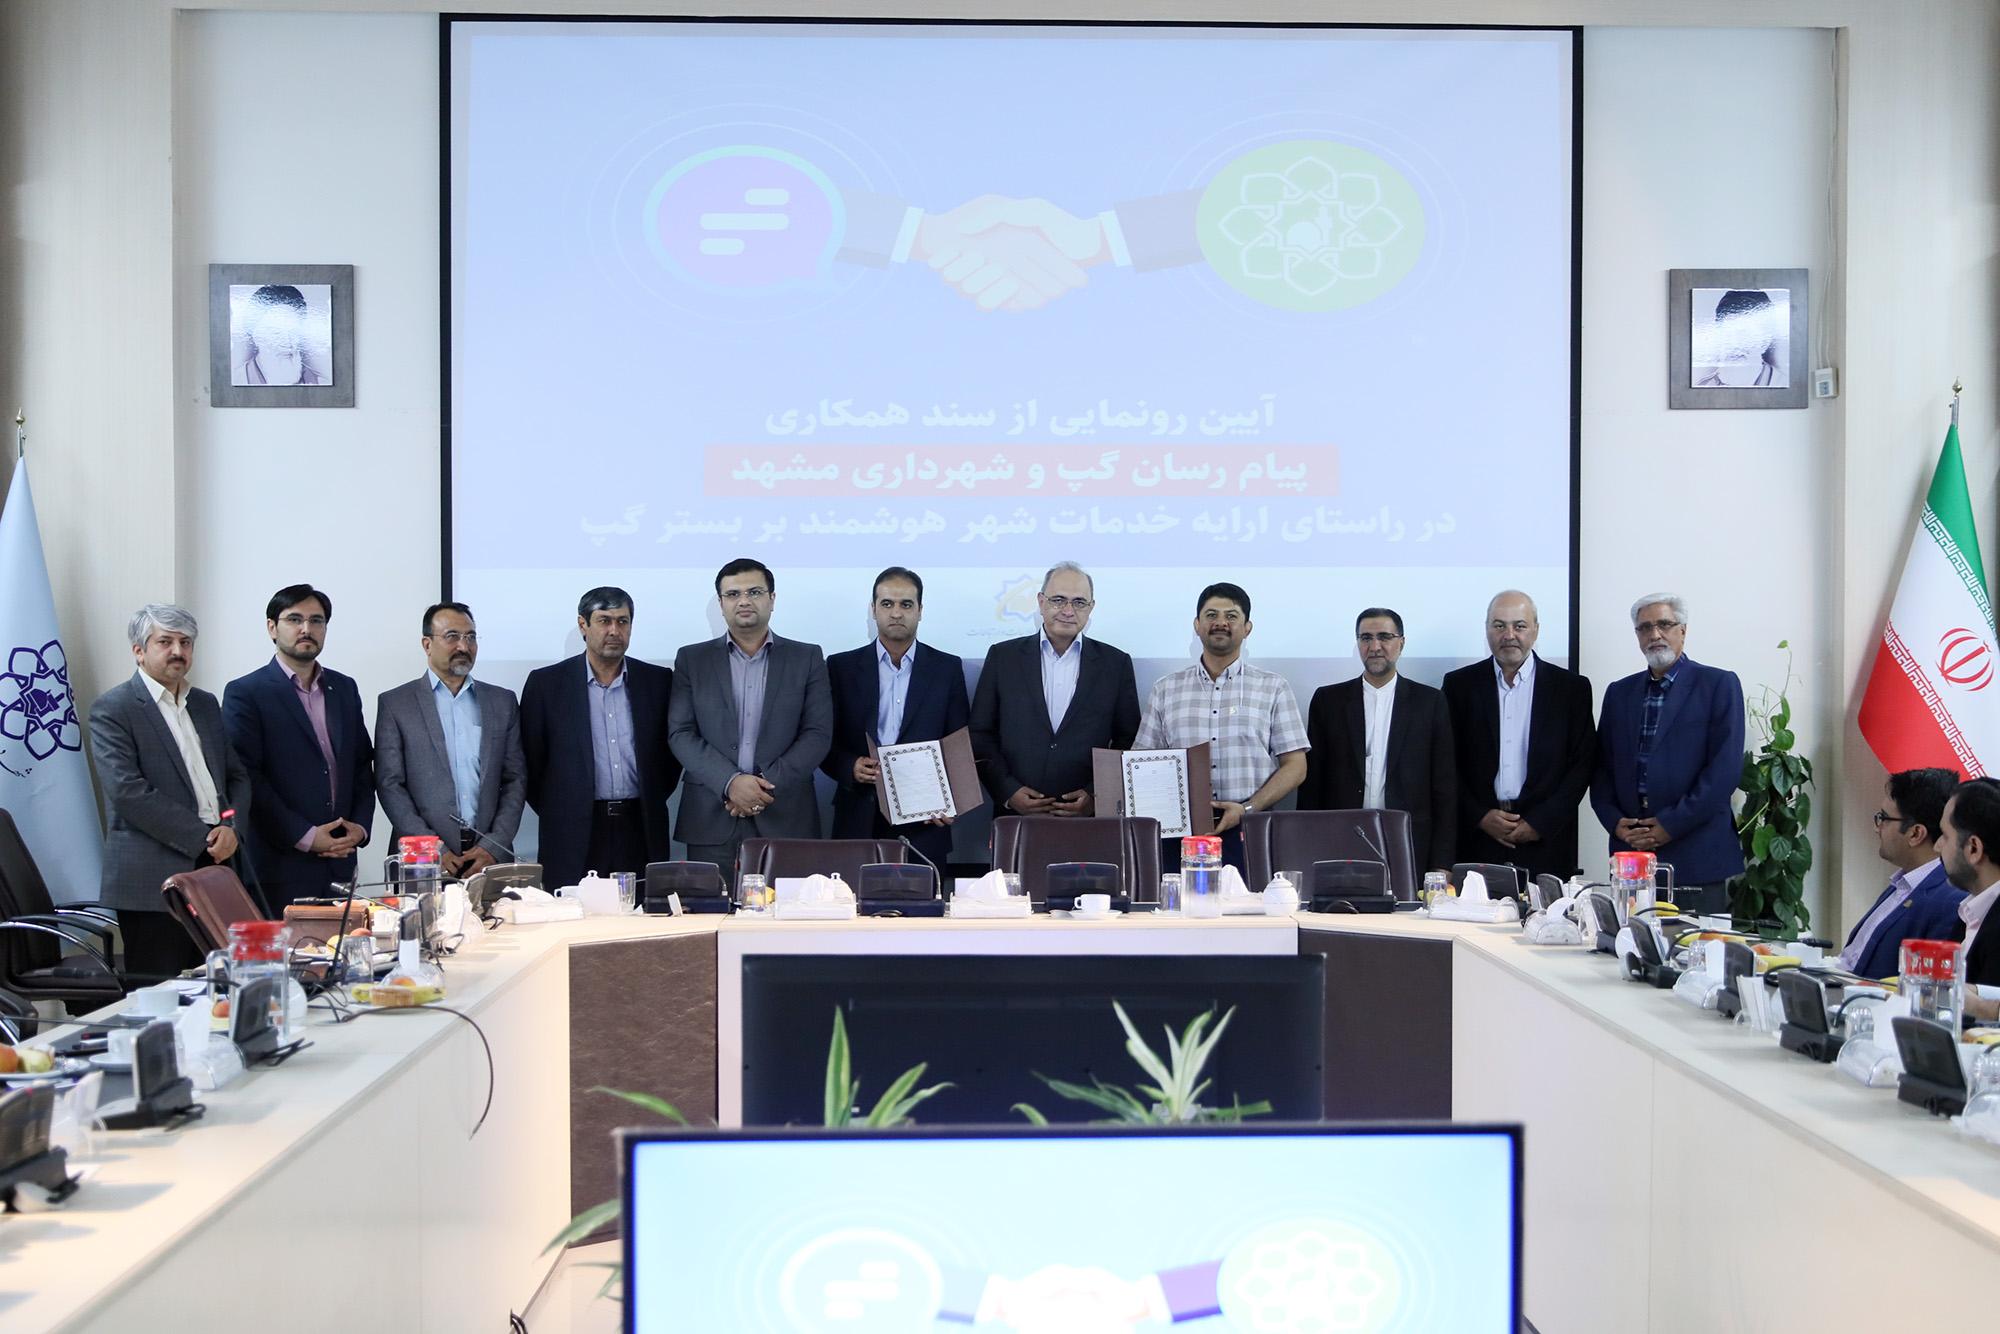 رونمایی از سند همکاری پیام رسان گپ و شهرداری مشهد